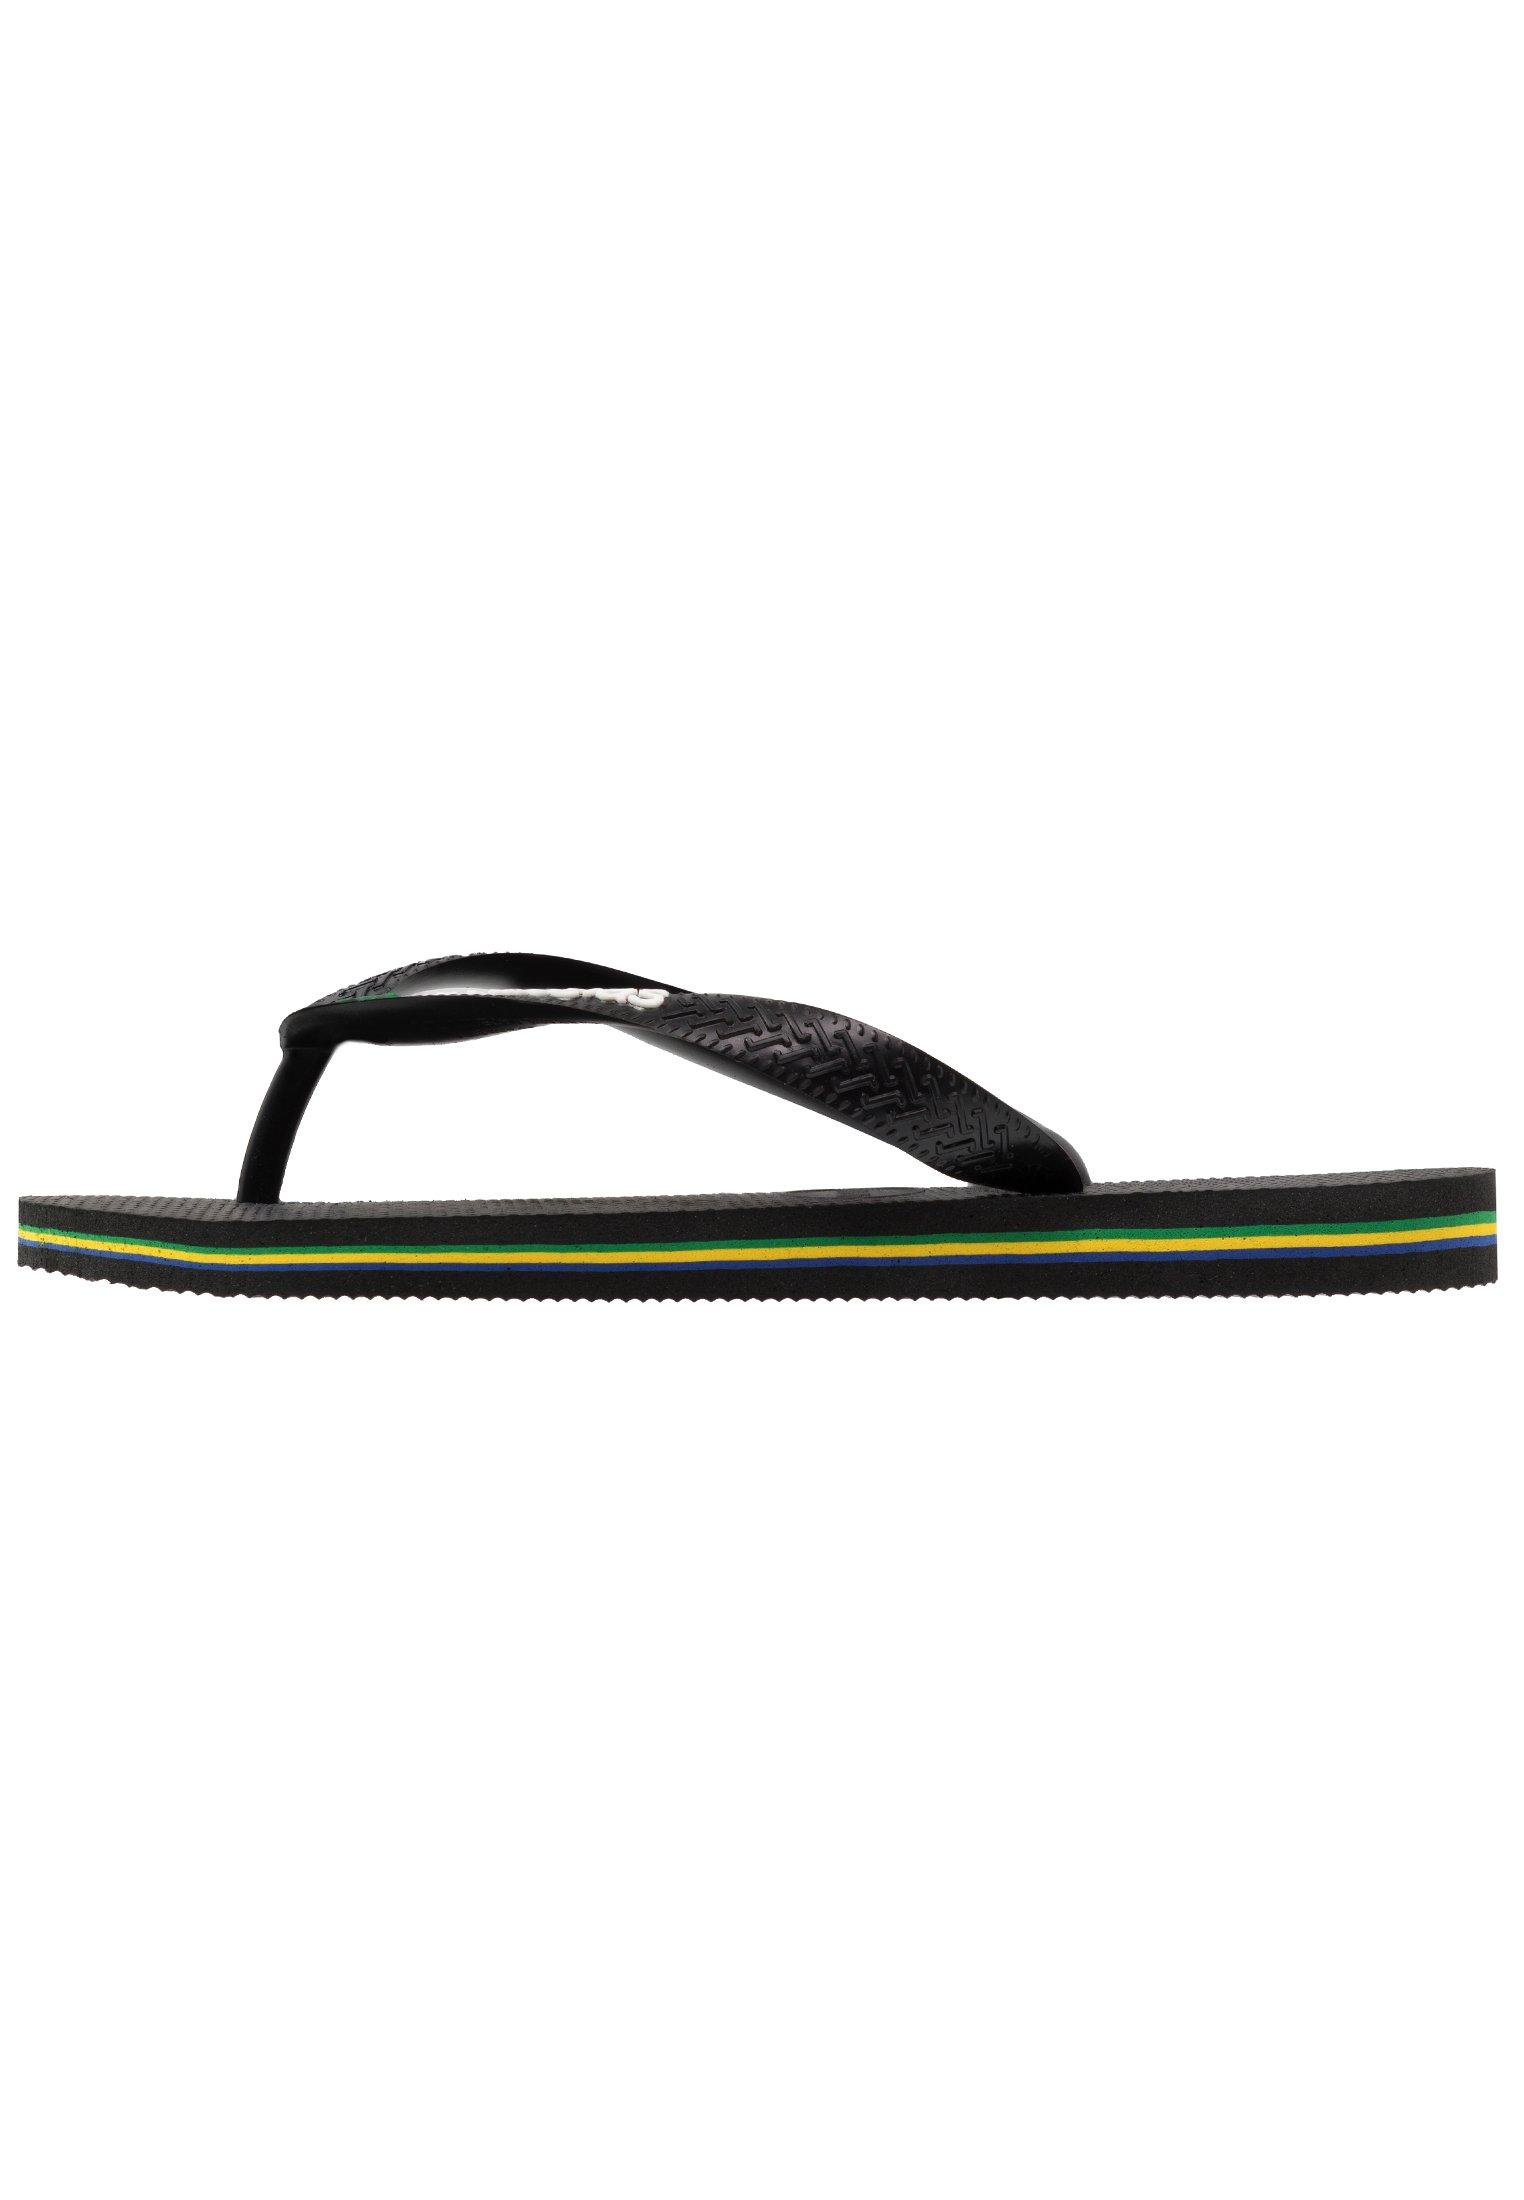 Sandalen & Slippers heren online kopen | ZALANDO